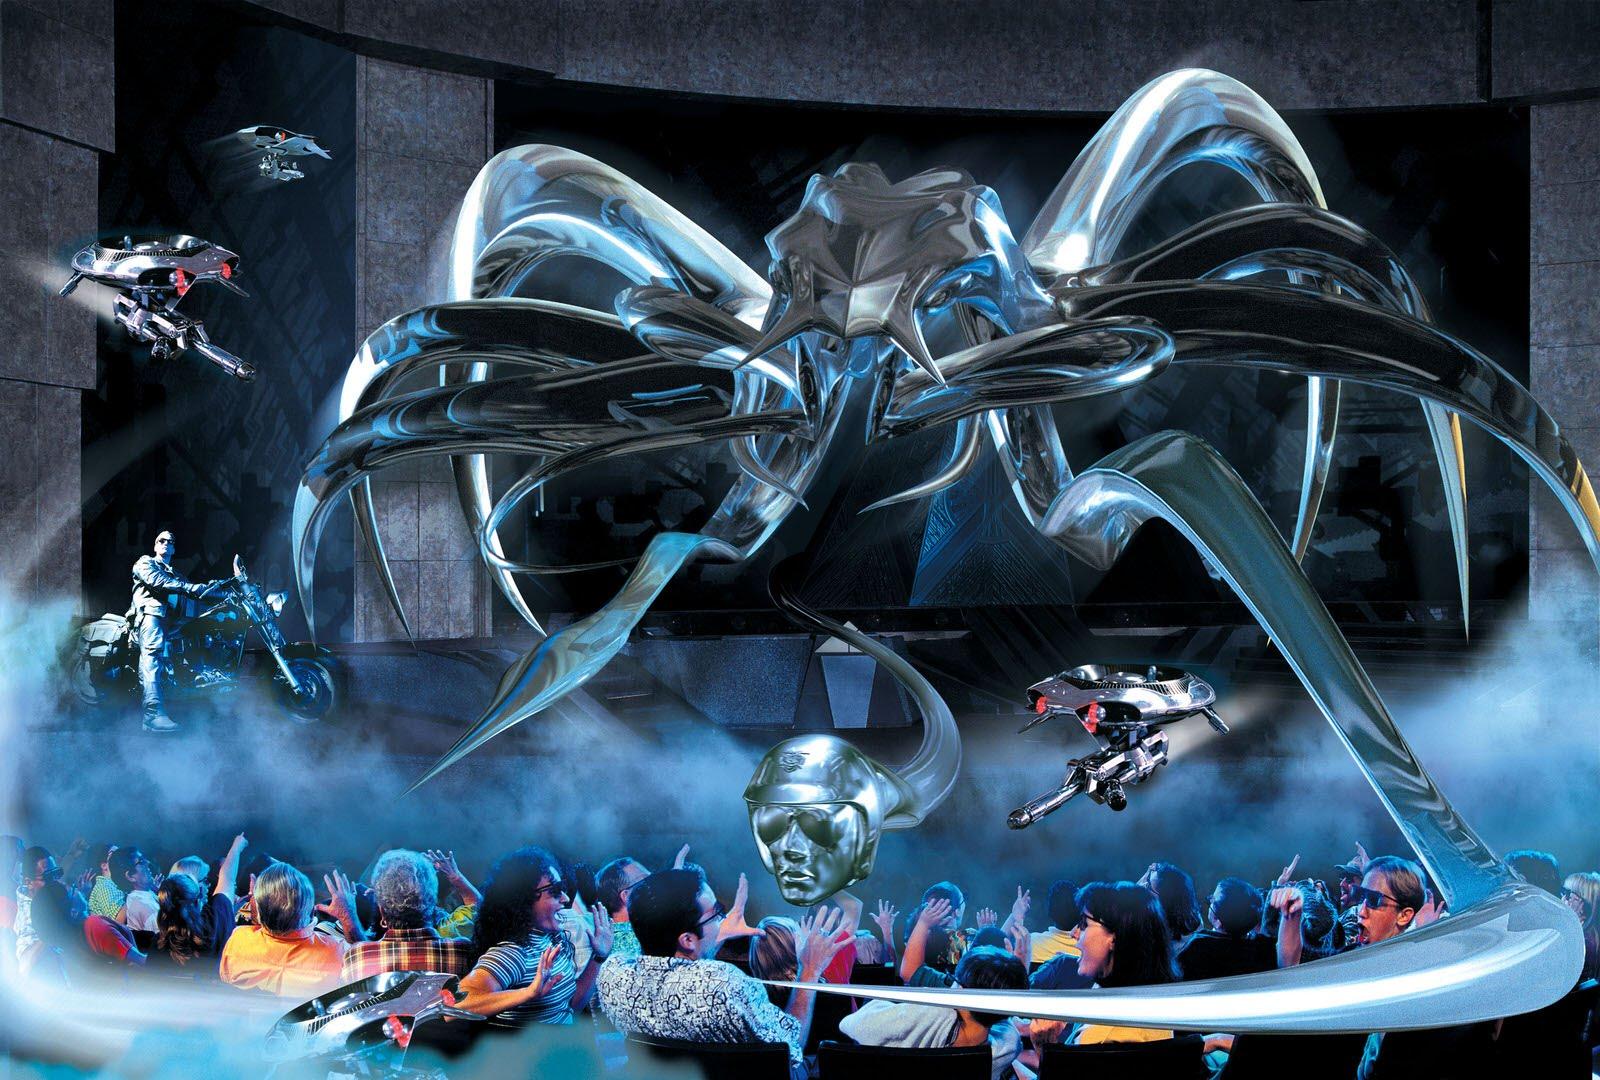 Terminator 2 3d Closing At Universal Studios Florida